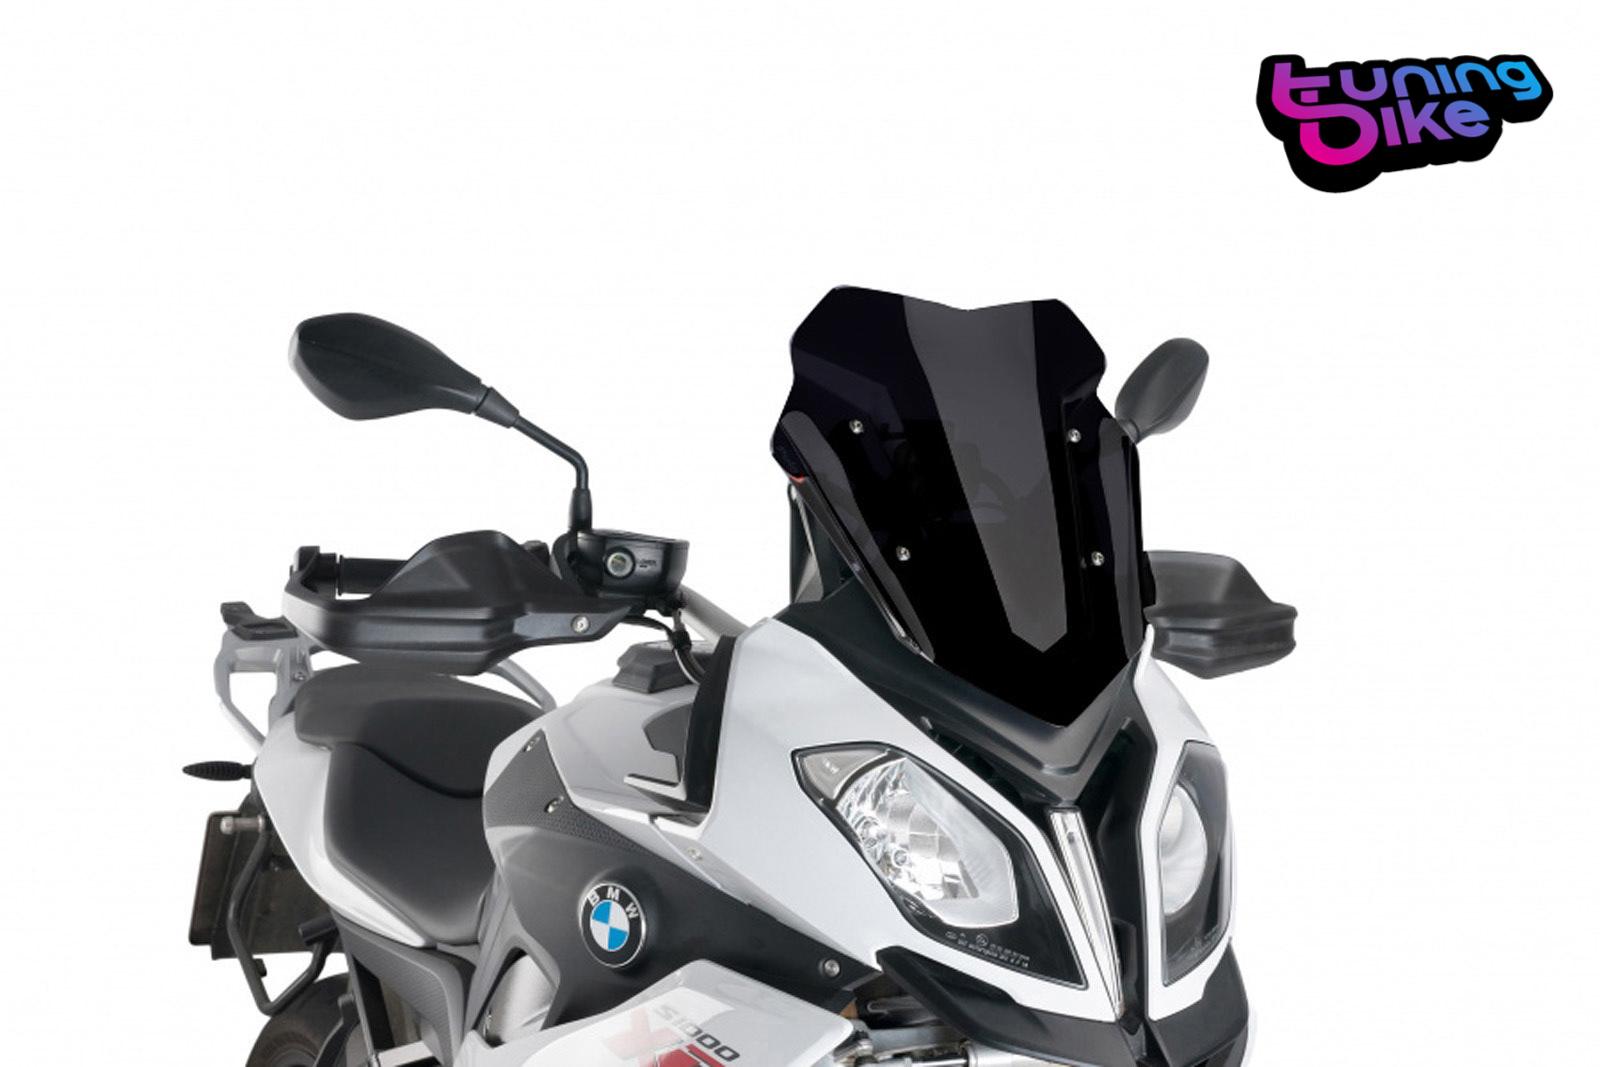 B-Ware Racing-Scheibe Puig BMW R 1200 RS 15-18 schwarz Verkleidungs-Scheibe